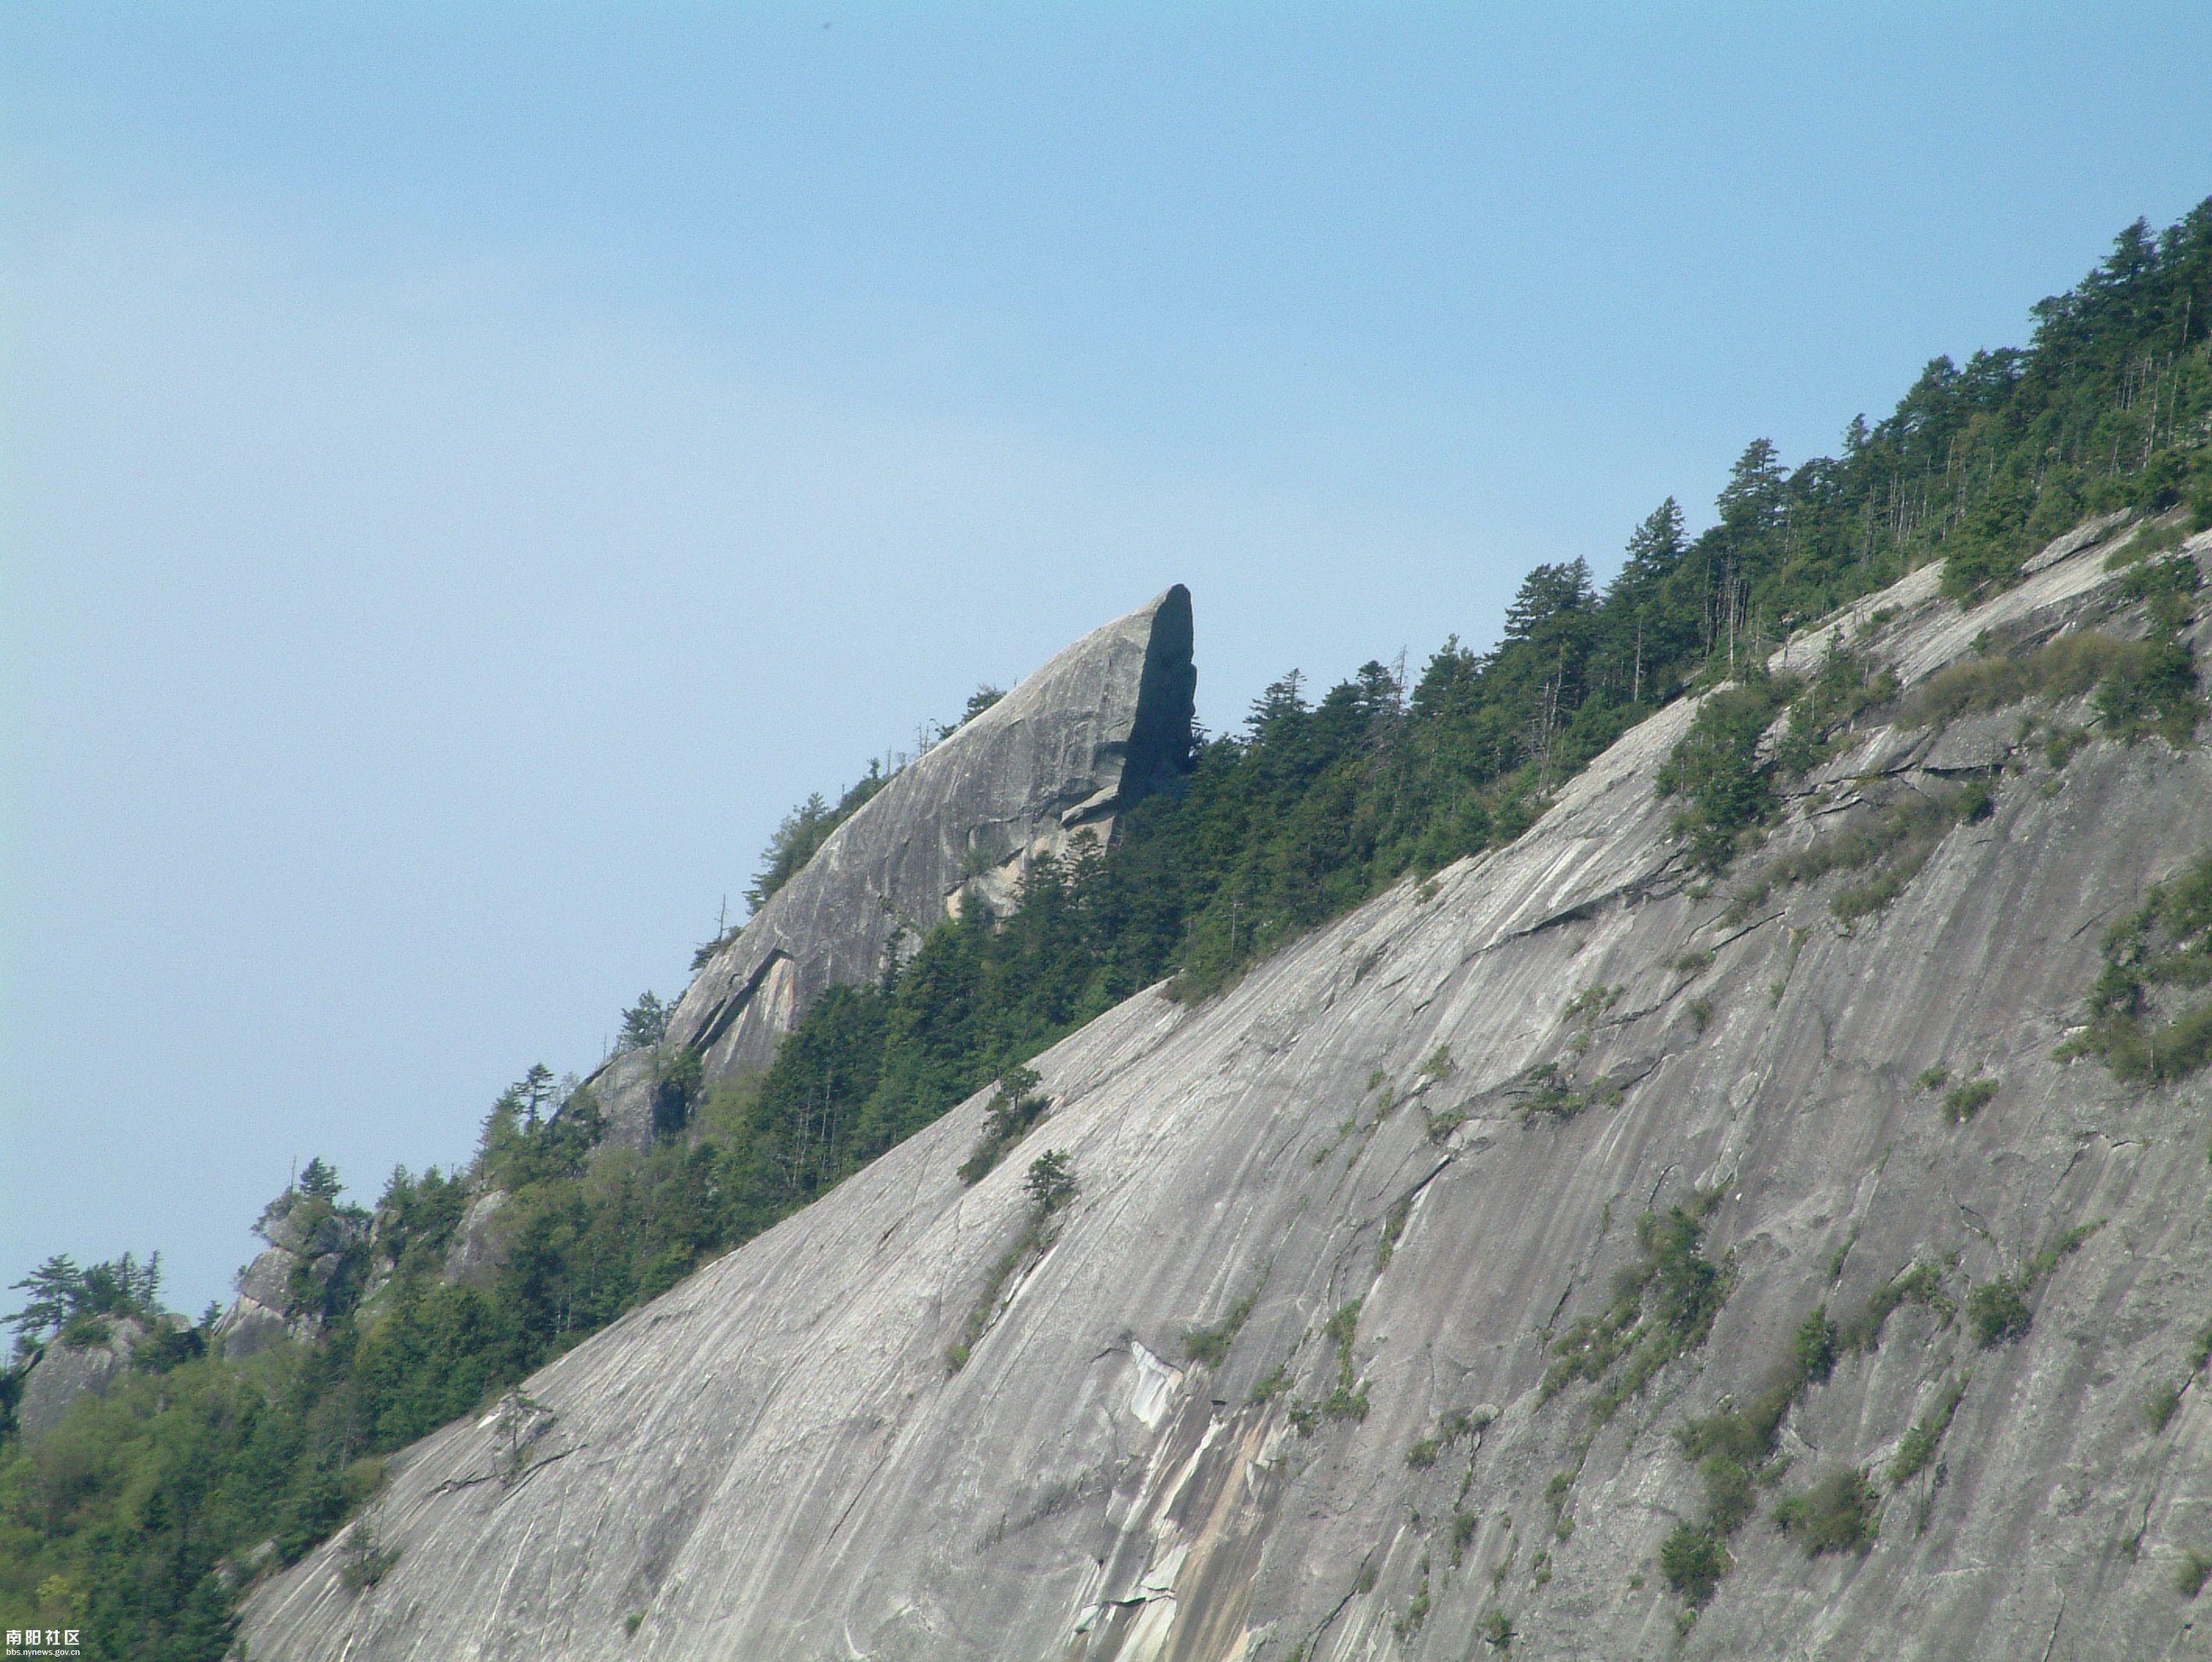 金丝峡大峡谷国家森林公园